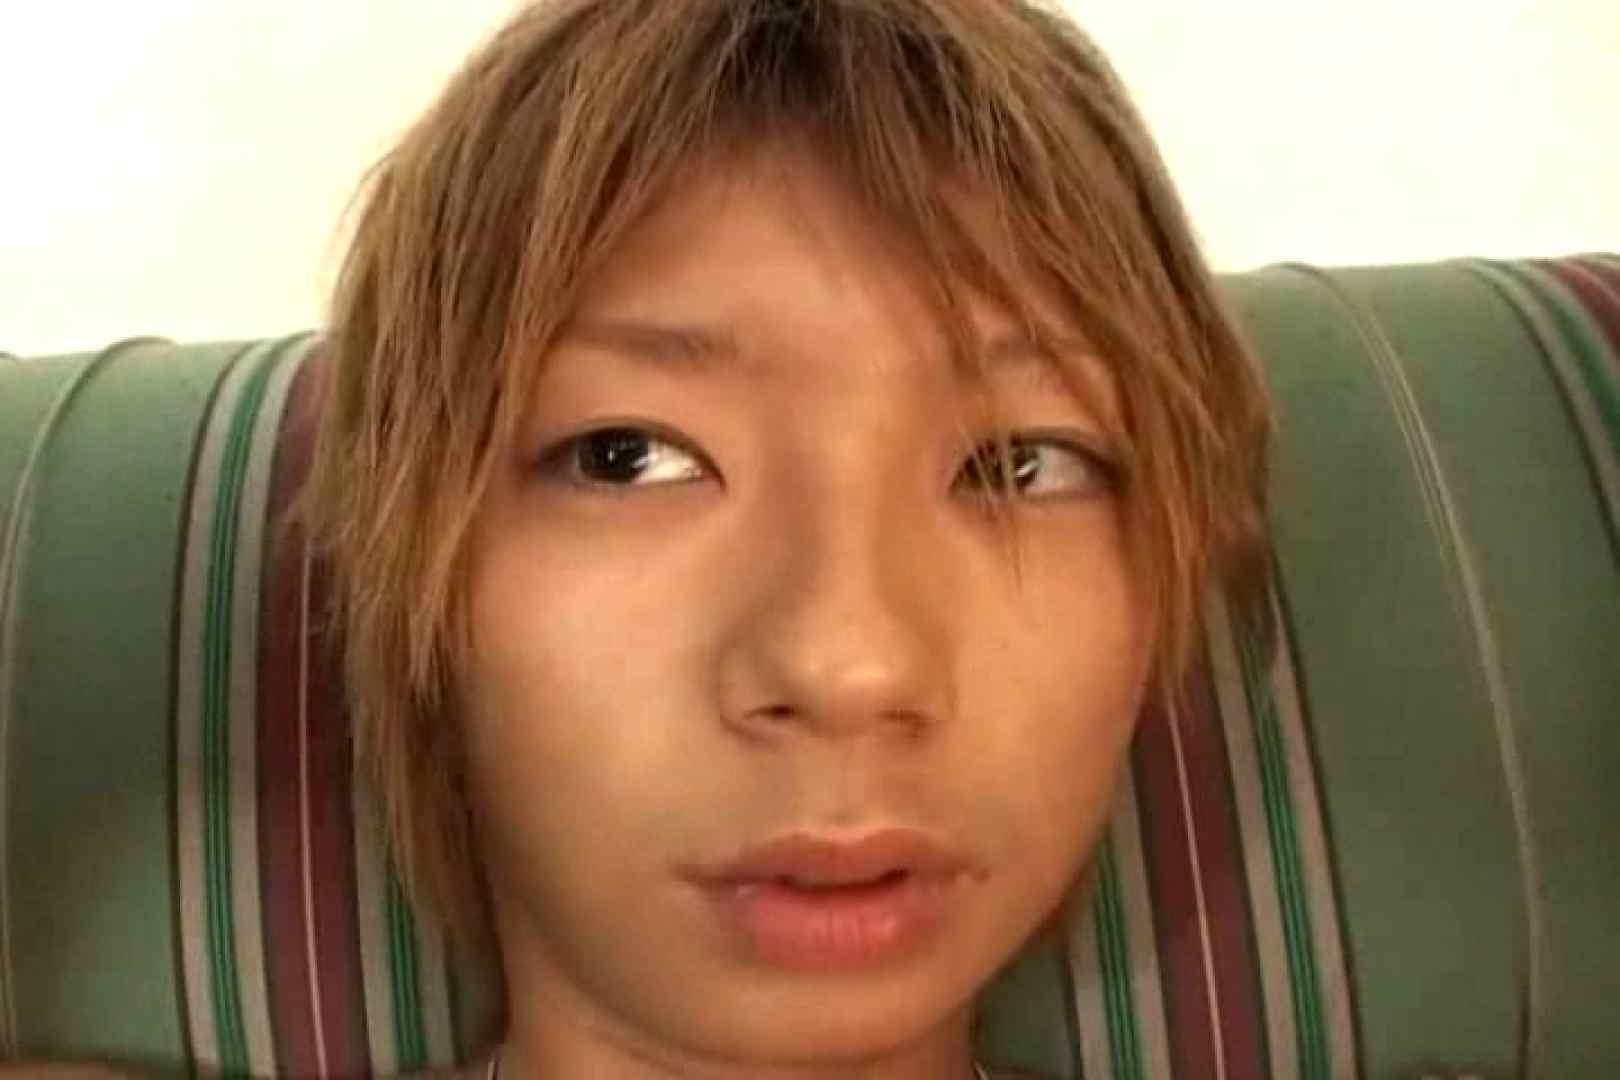 夏男!海男!まとめてGET!!Vol.02 ノンケのオナニー おちんちん画像 95連発 67